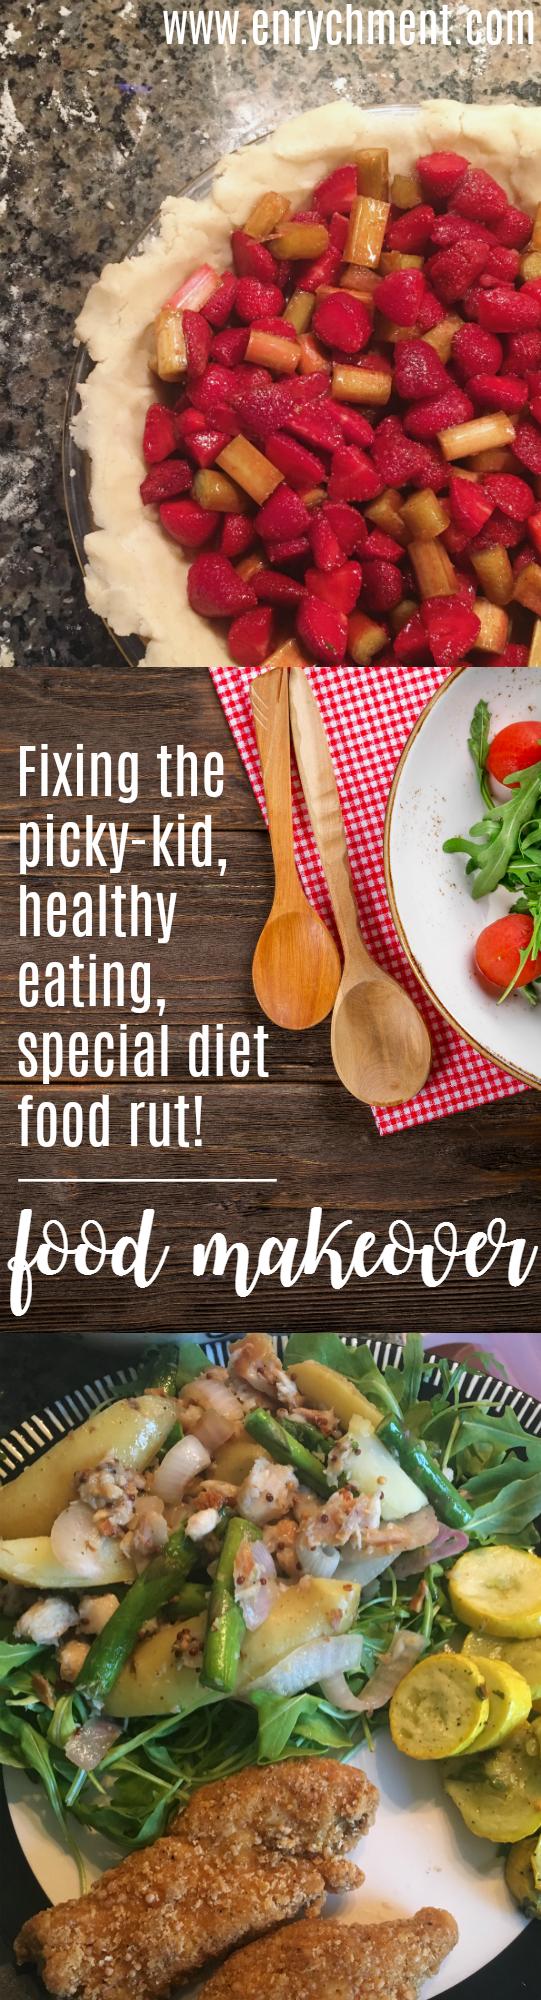 foodmakeoverpin